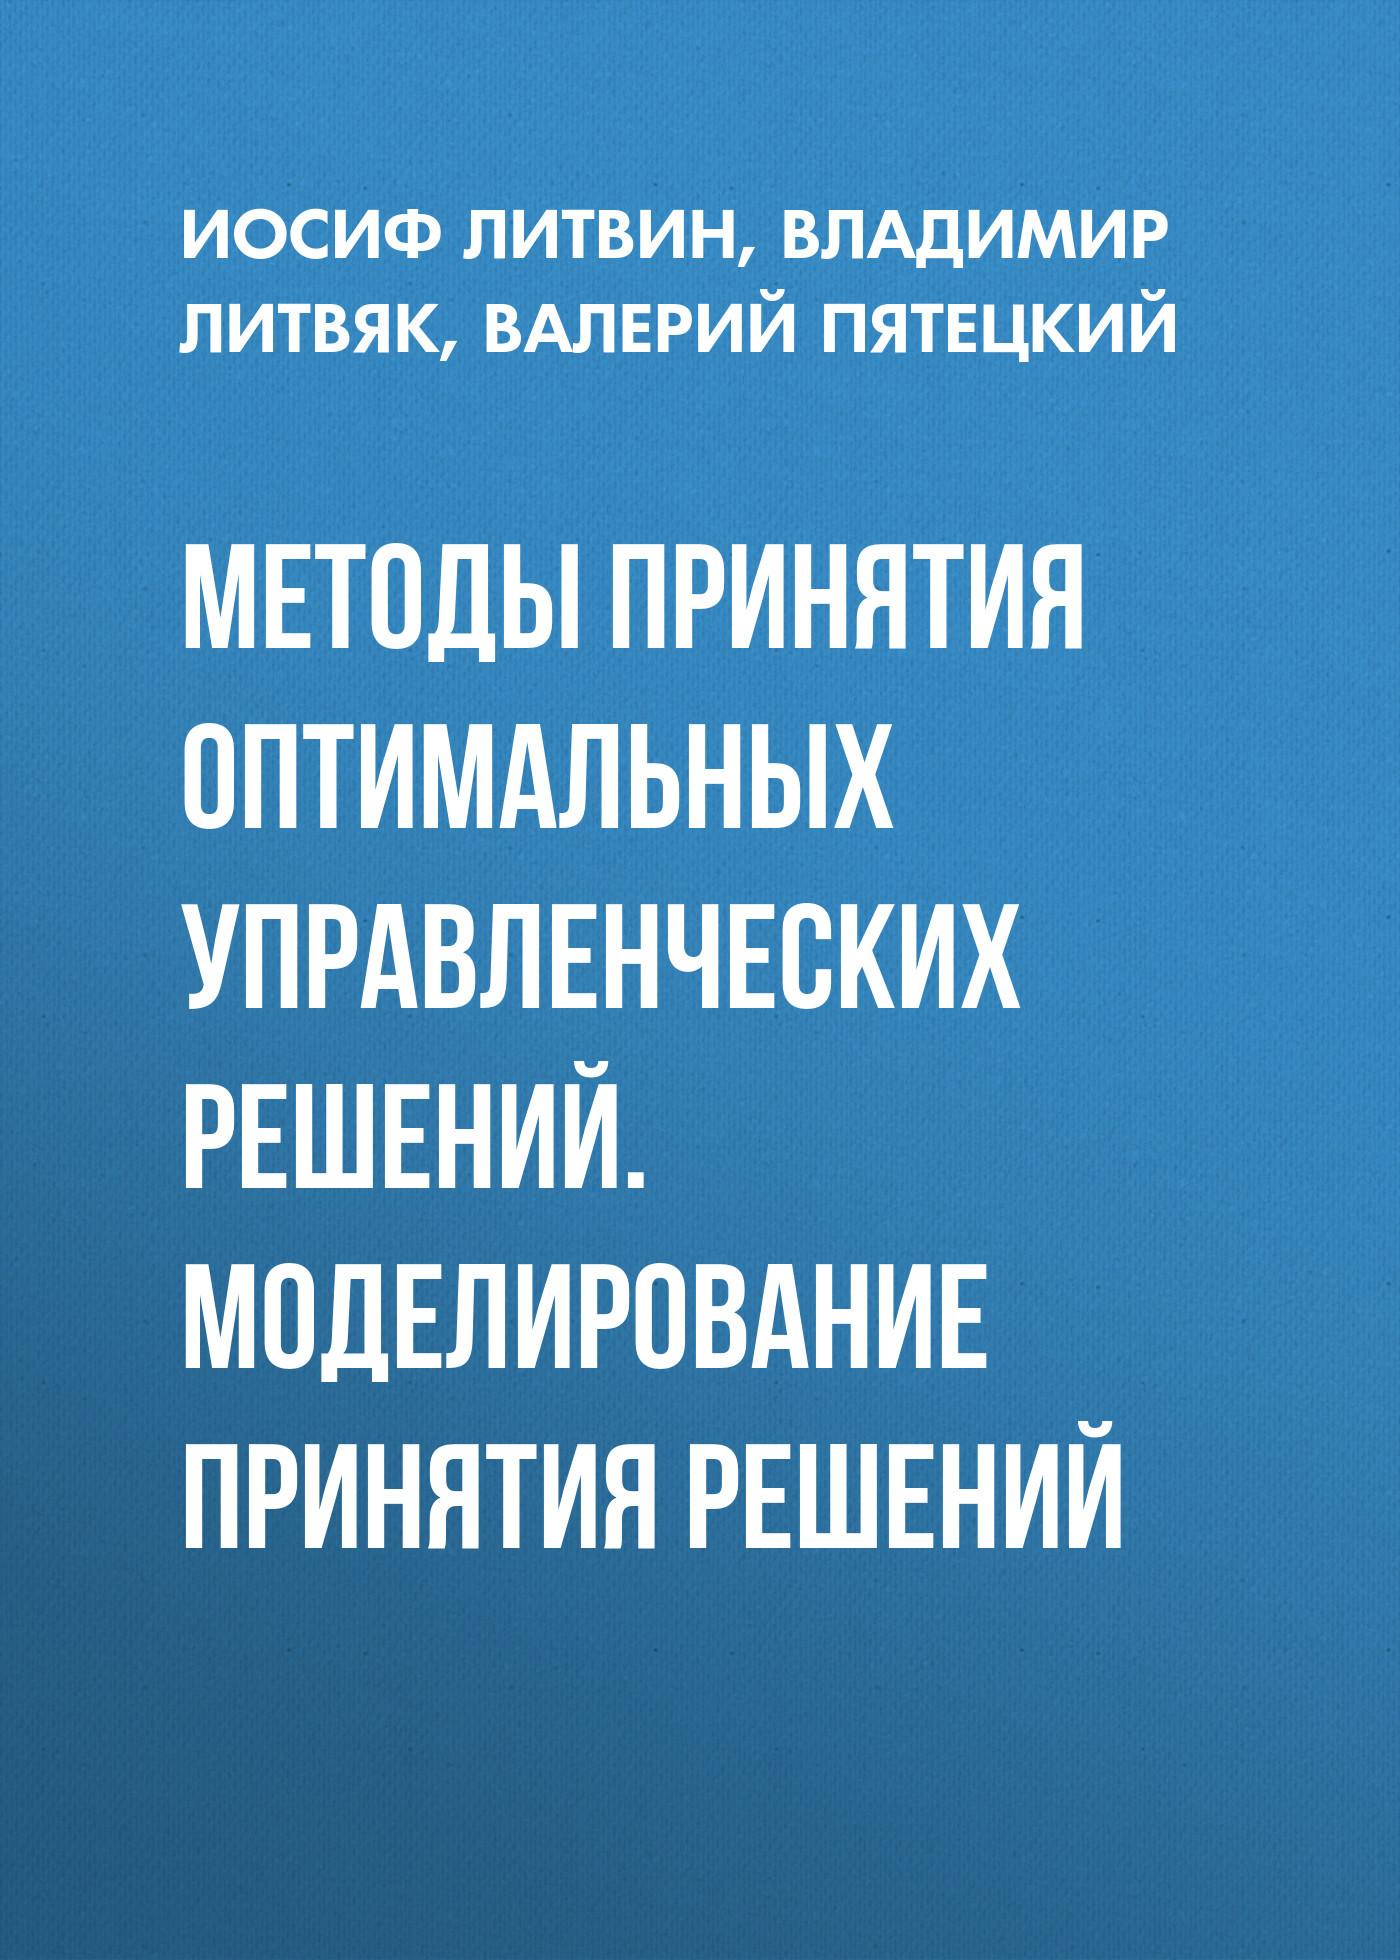 Валерий Пятецкий. Методы принятия оптимальных управленческих решений. Моделирование принятия решений